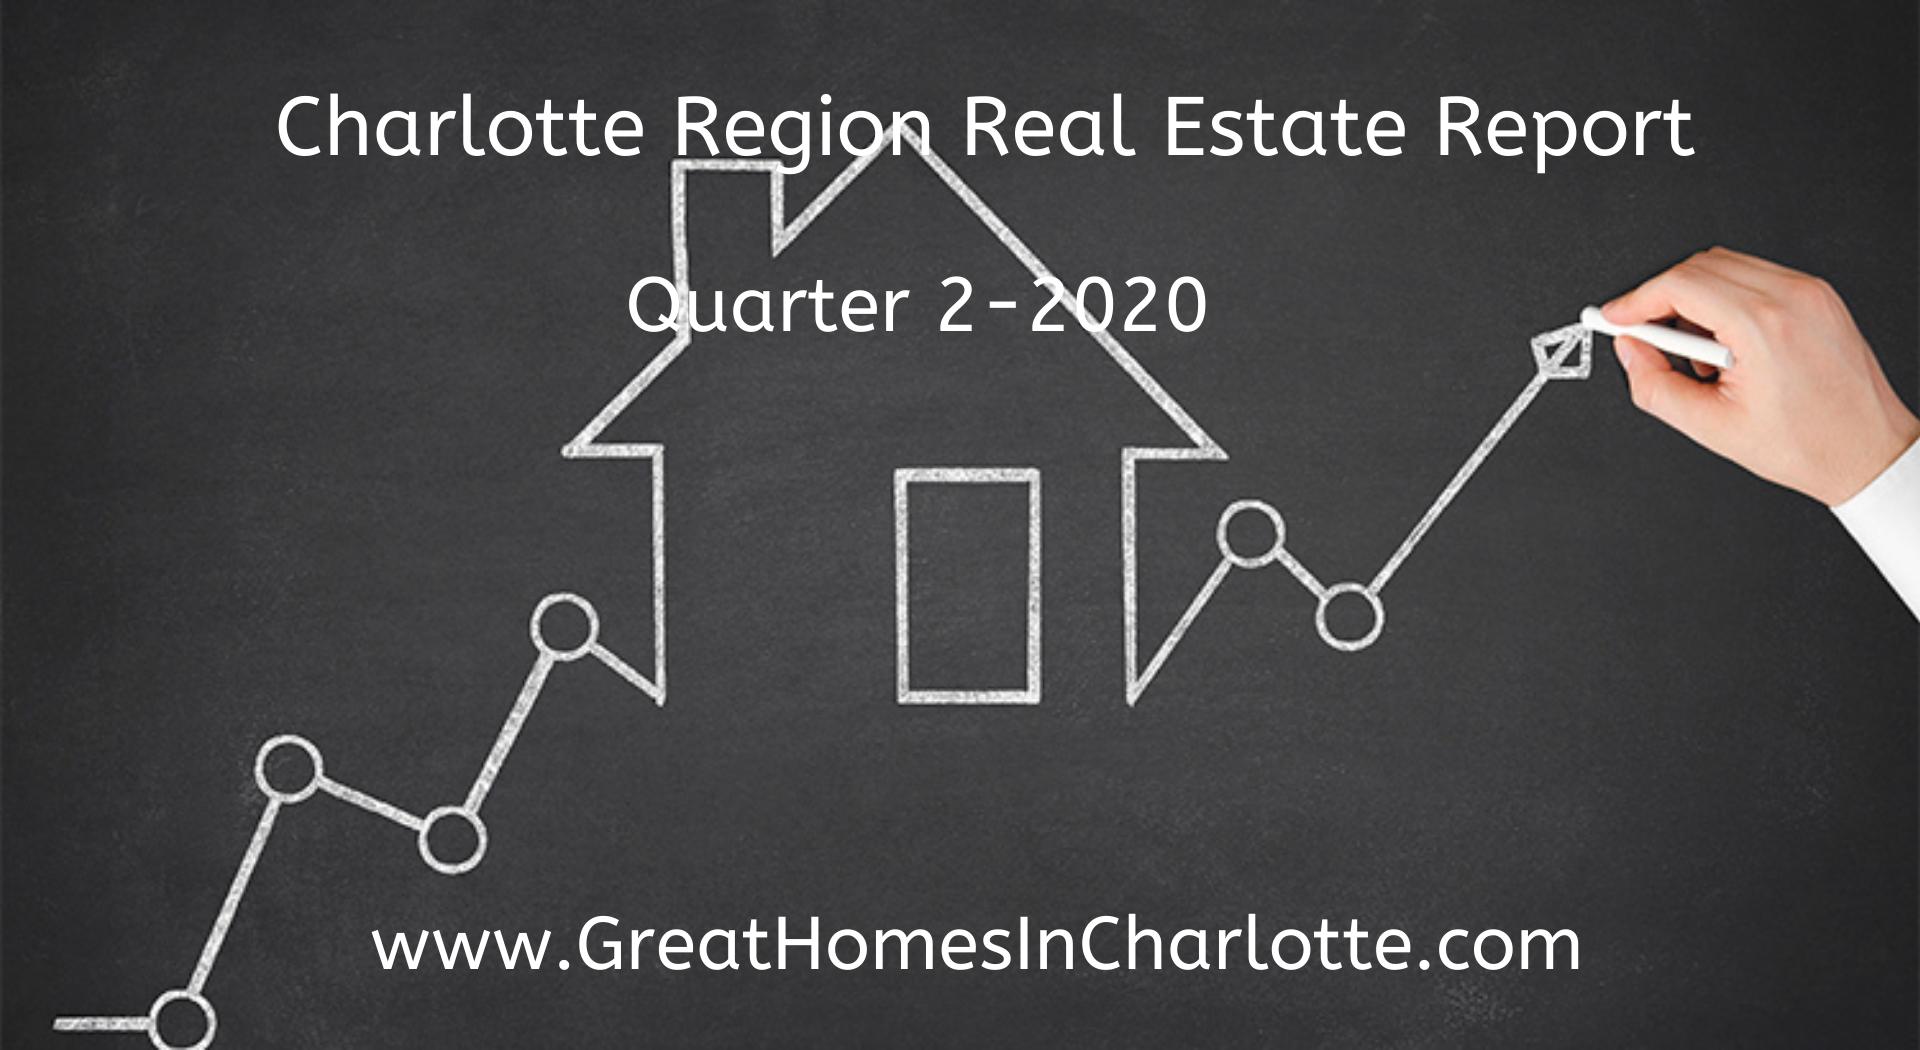 Charlotte Region Housing Market Report: Quarter 2-2020